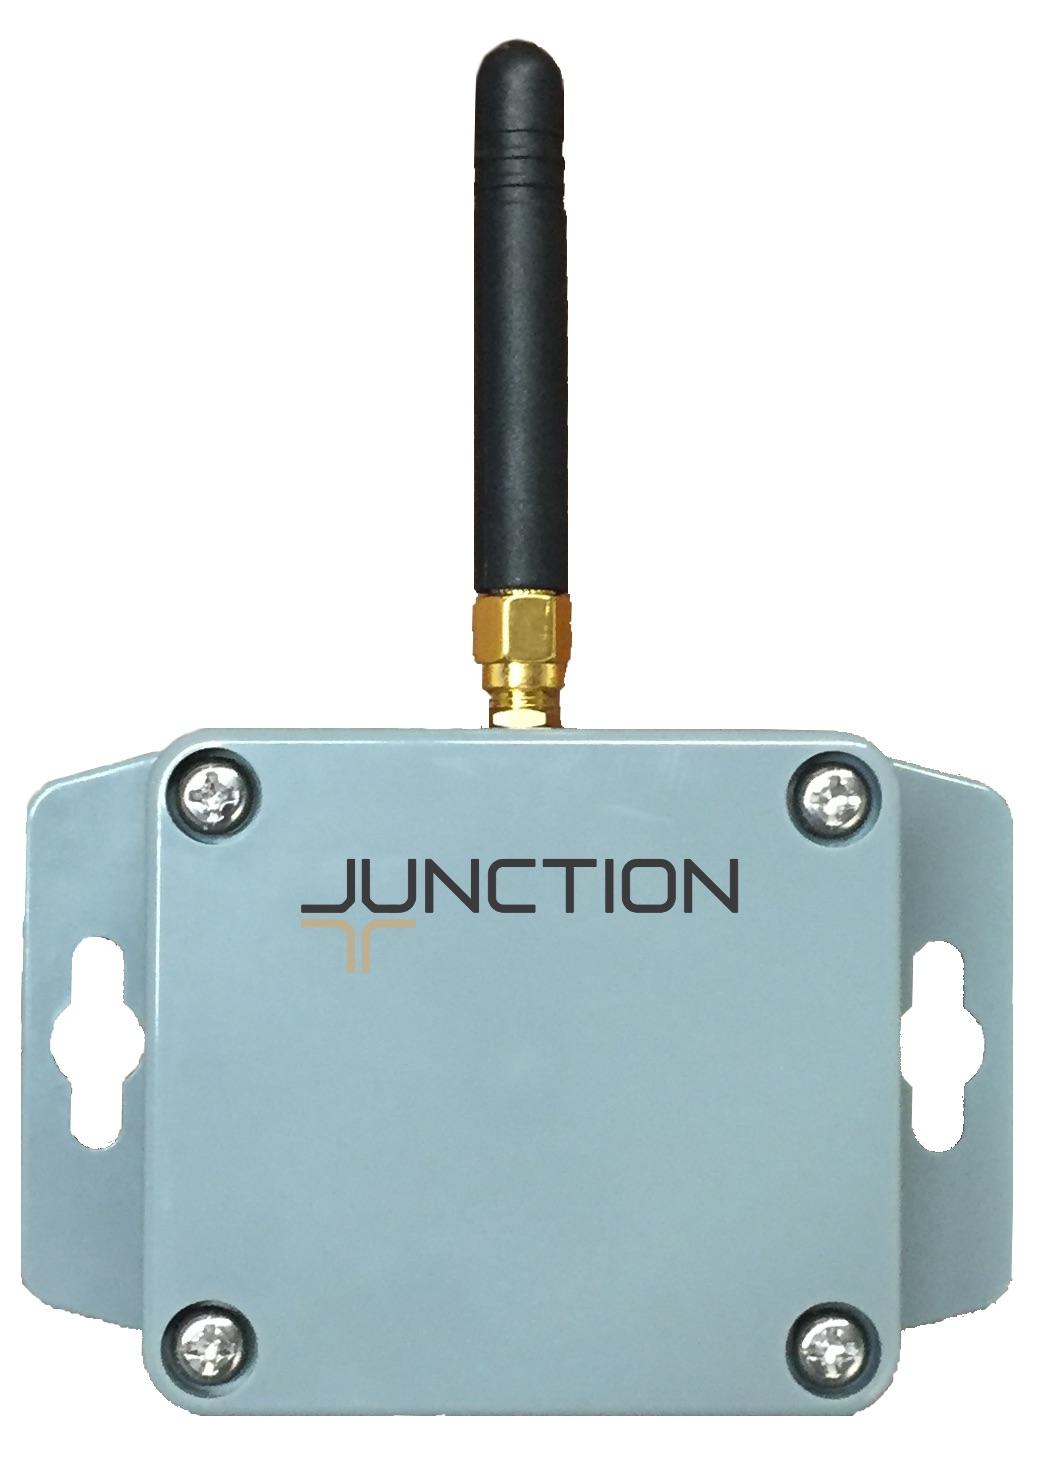 JunctionLink wireless sensor